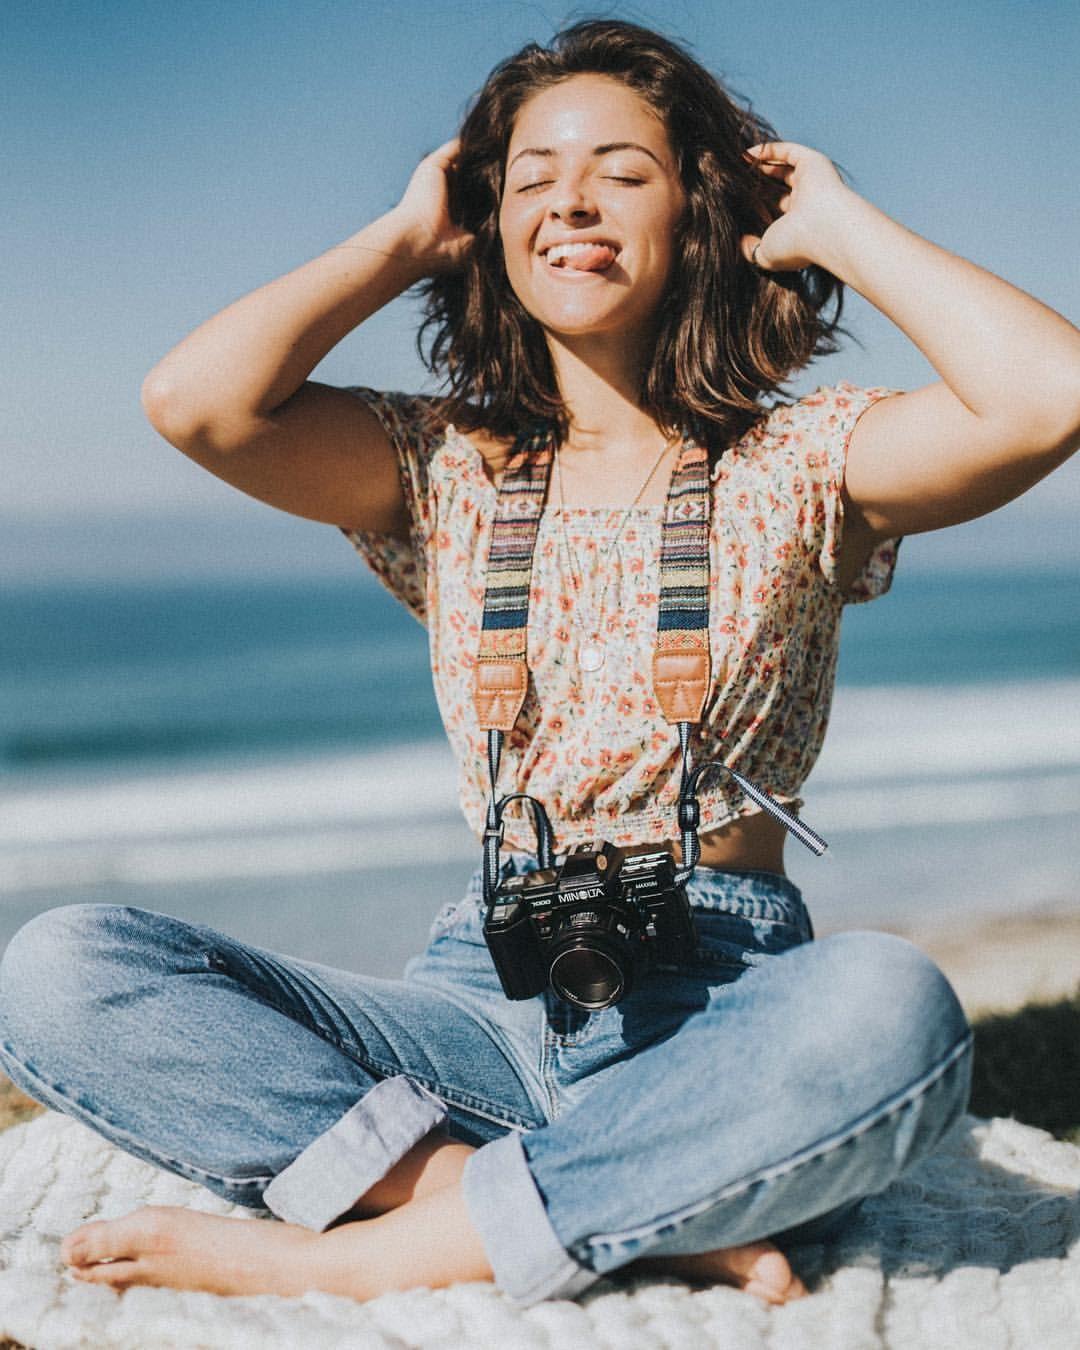 Selfie Katelyn Pascavis nudes (48 foto and video), Pussy, Leaked, Selfie, legs 2018